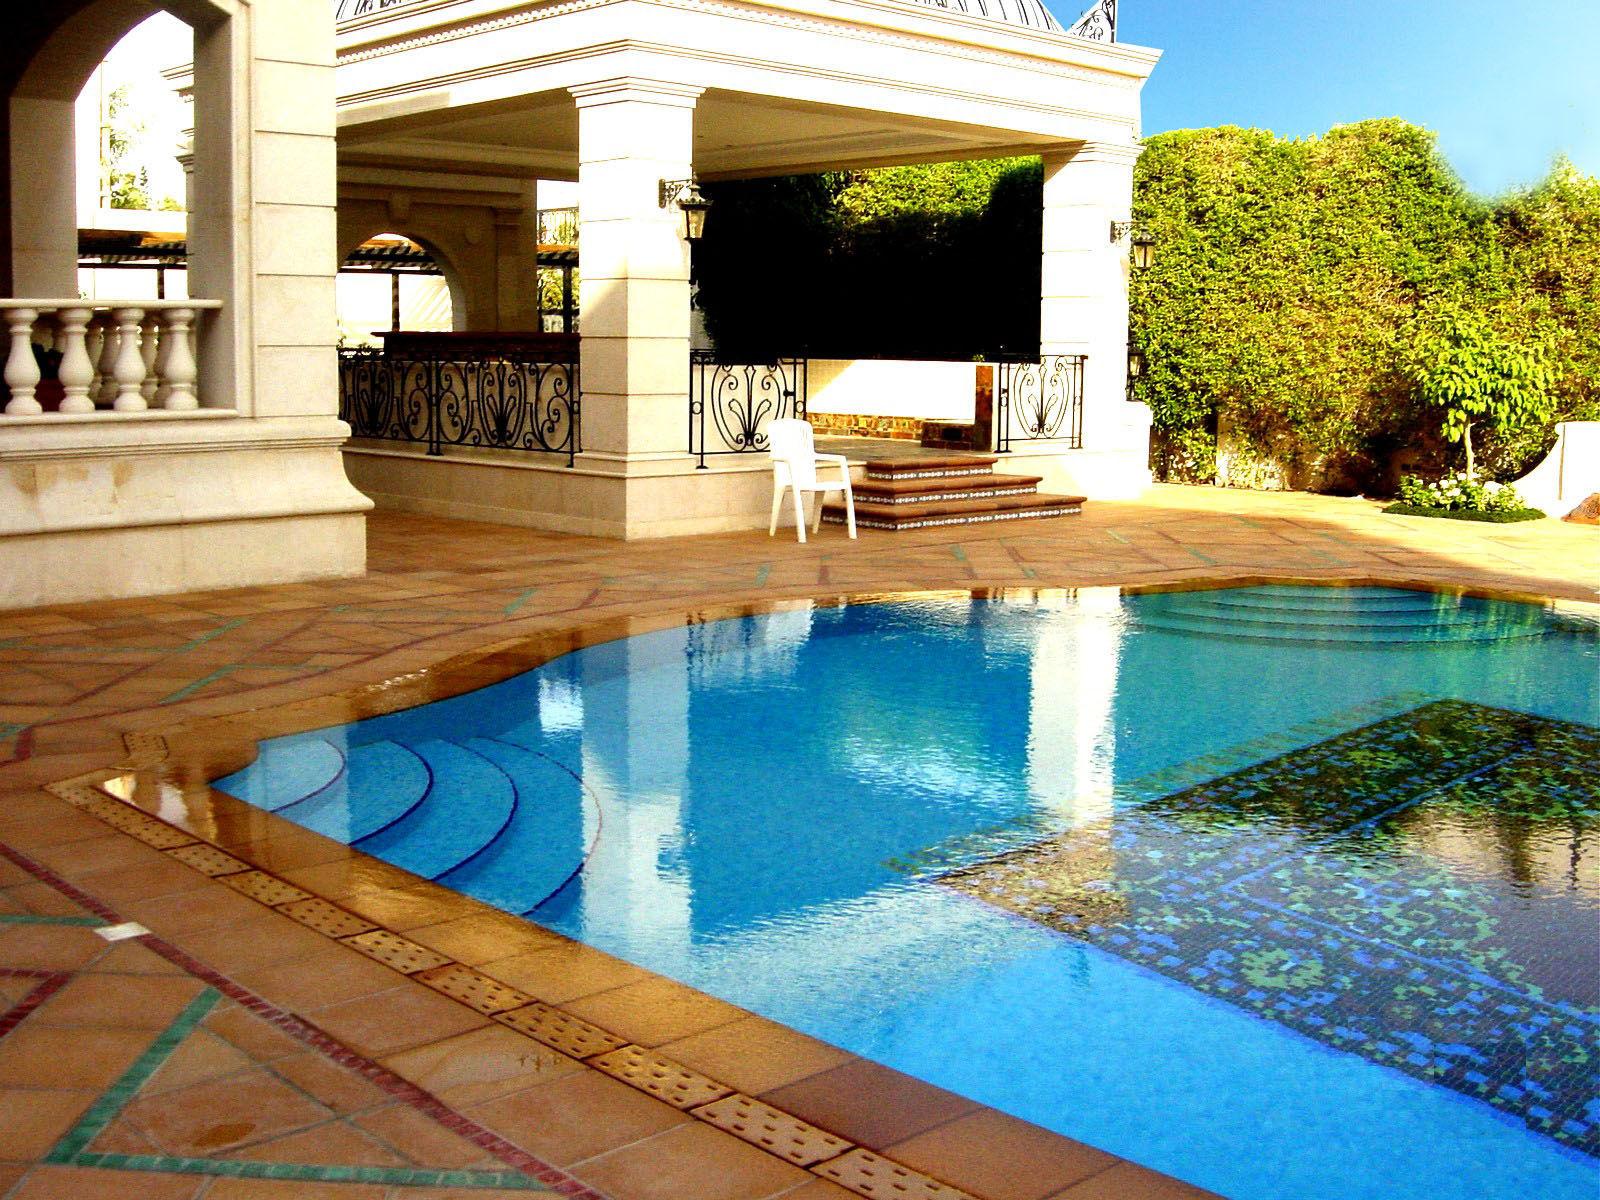 Piastrella da esterno per bagnasciuga di piscina da pavimento